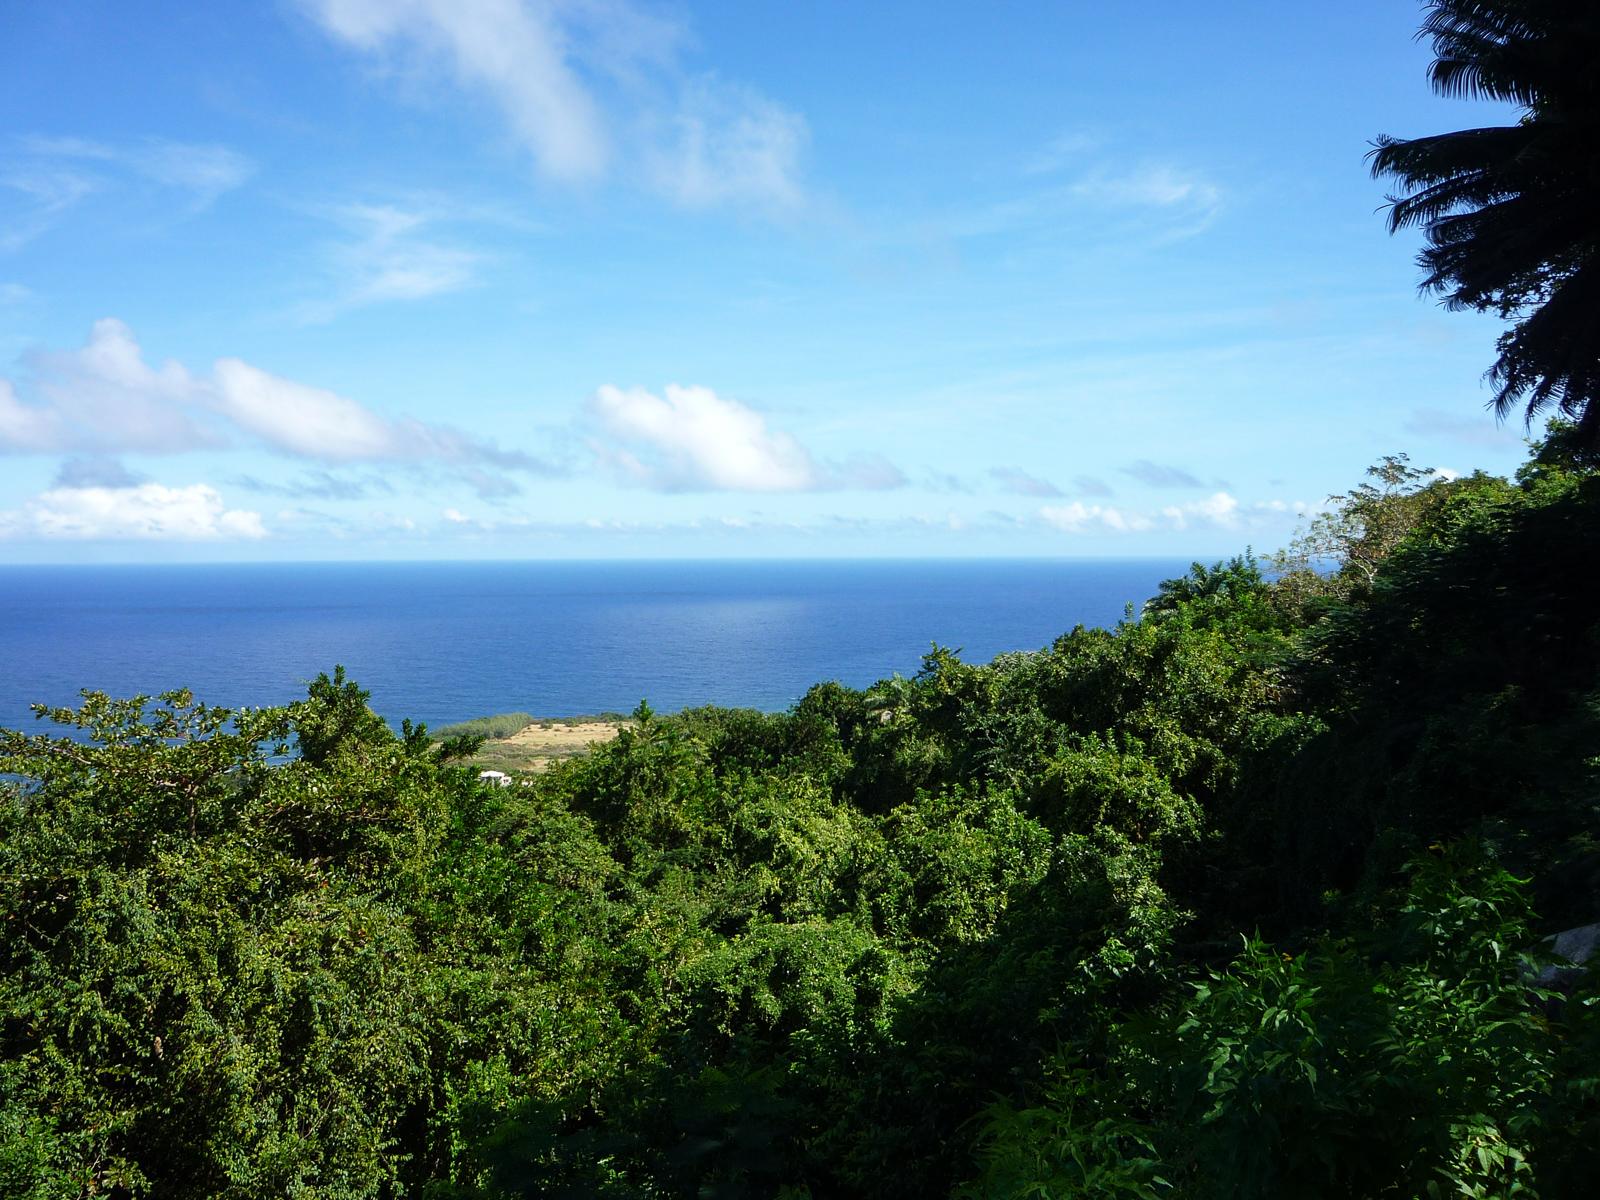 Barbados Travel Guide - Kreuzfahrt in der Karibik - Karibik Urlaub - Insel in der Karibik - kleine Antillen - Urlaub in der Karibik - Karibik Kreuzfahrt mit Mein Schiff - Traumreise - unvergessliche Reise - Tipps und Wissenswertes - Fashionladyloves by Tamara Wagner - Travel Blog - Reiseblogger